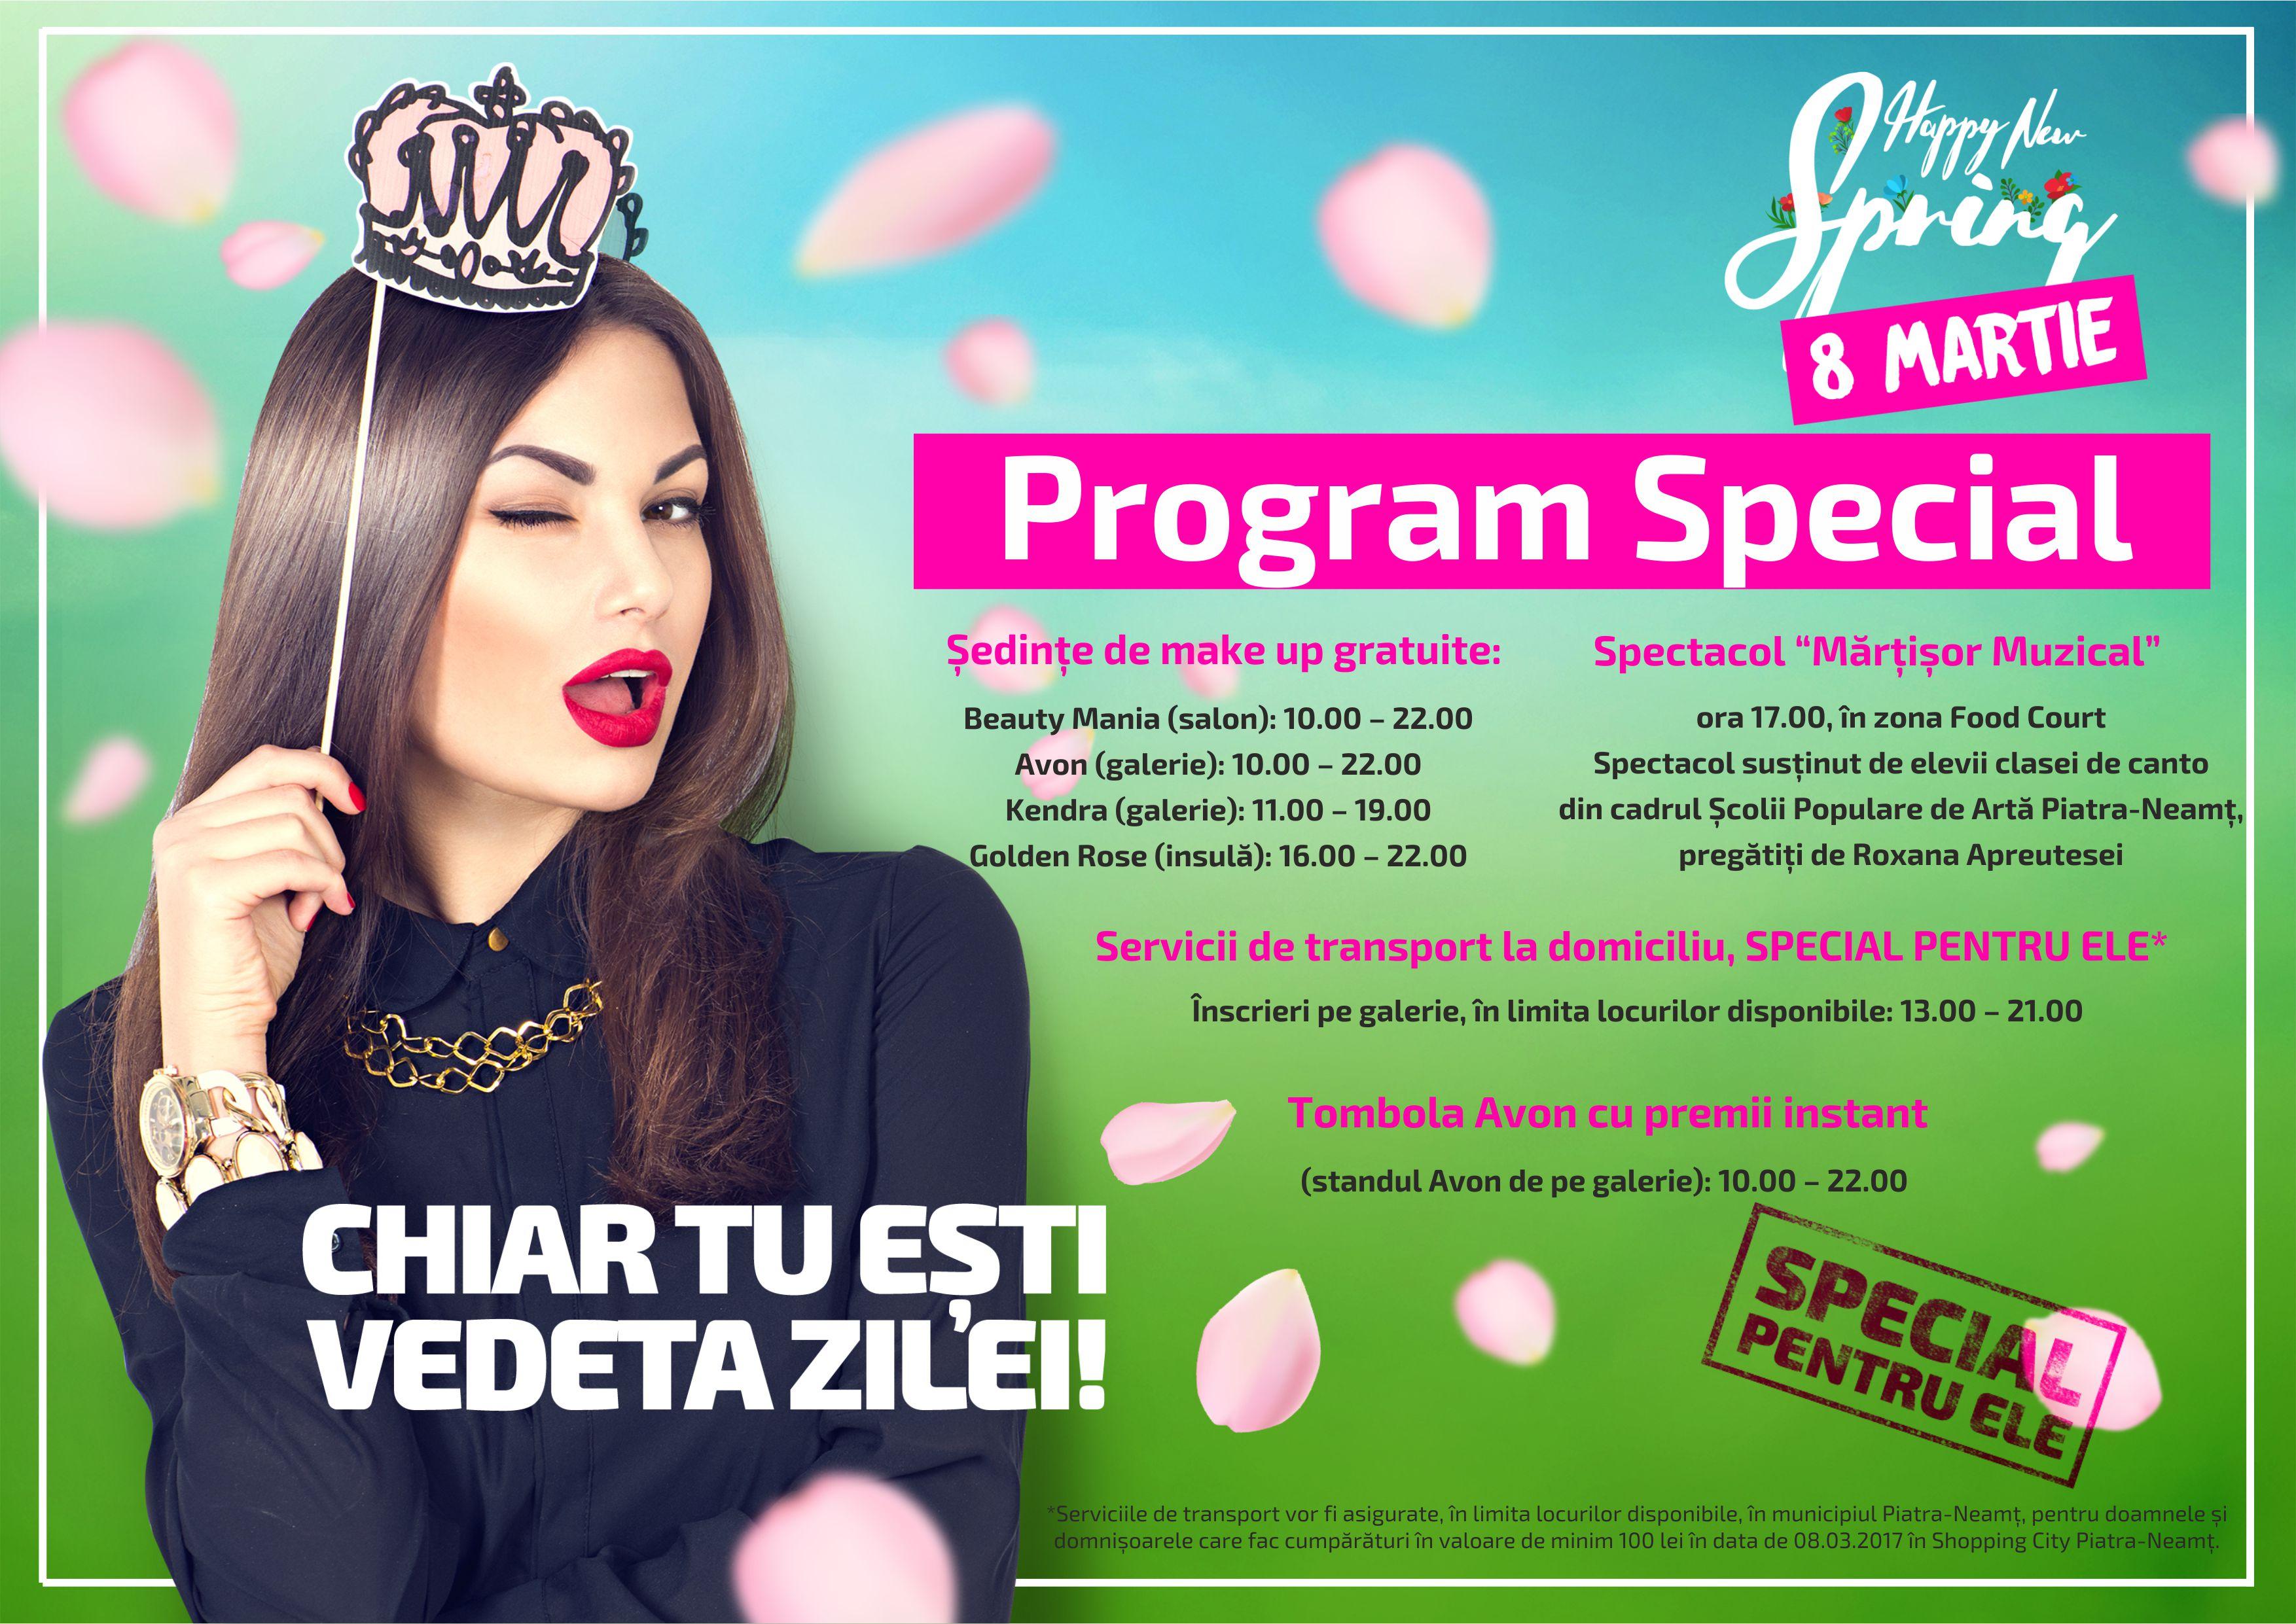 Program Evenimente 8 Martie A4 Shopping City Piatra Neamt